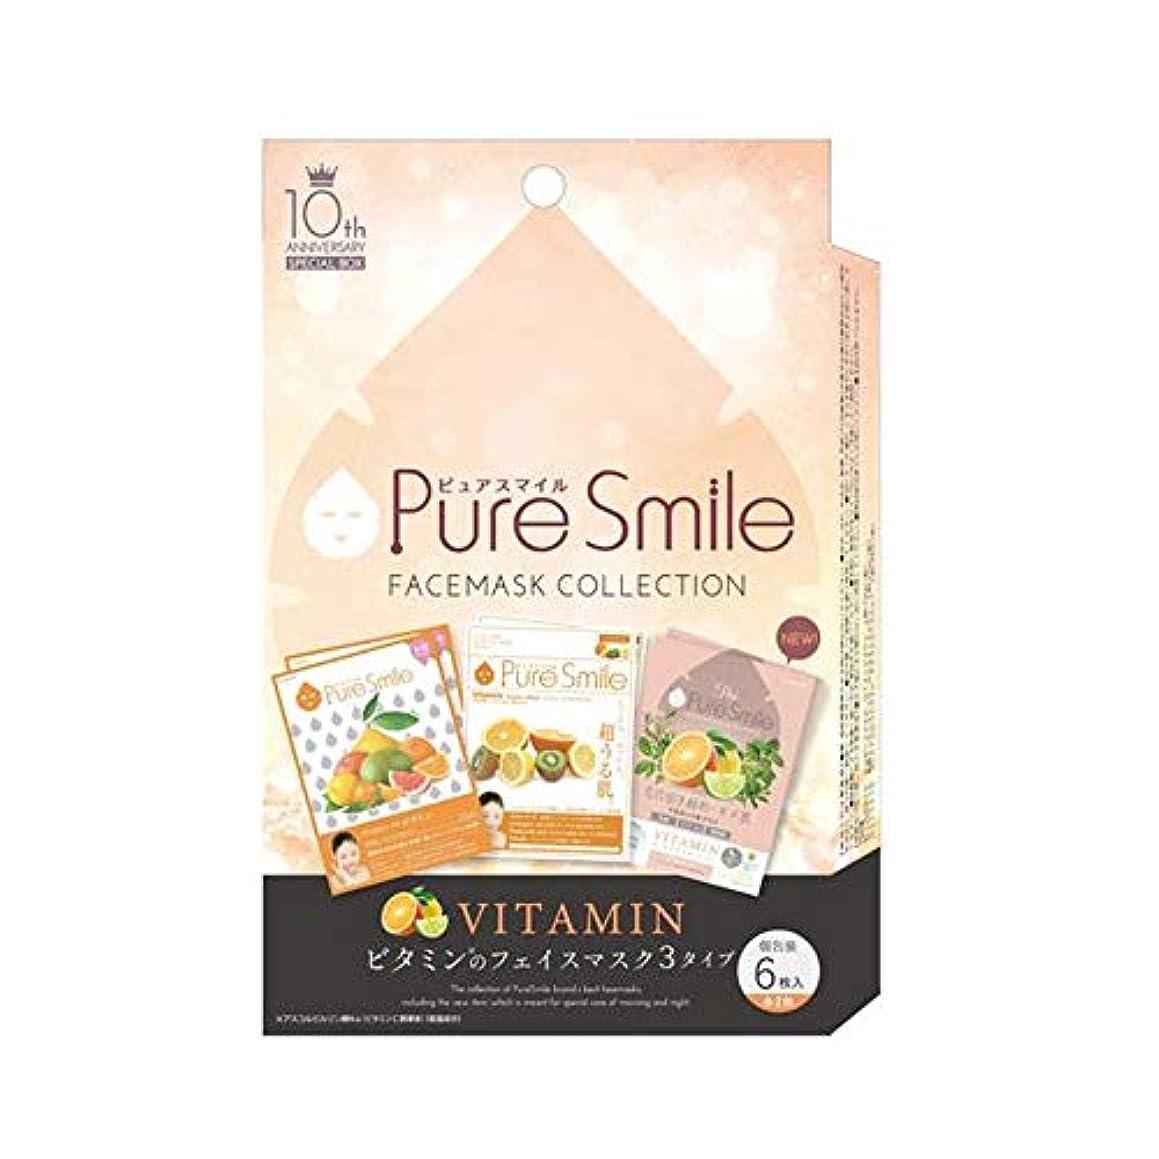 確かめる禁止する純粋なピュア スマイル Pure Smile 10thアニバーサリー スペシャルボックス ビタミン 6枚入り